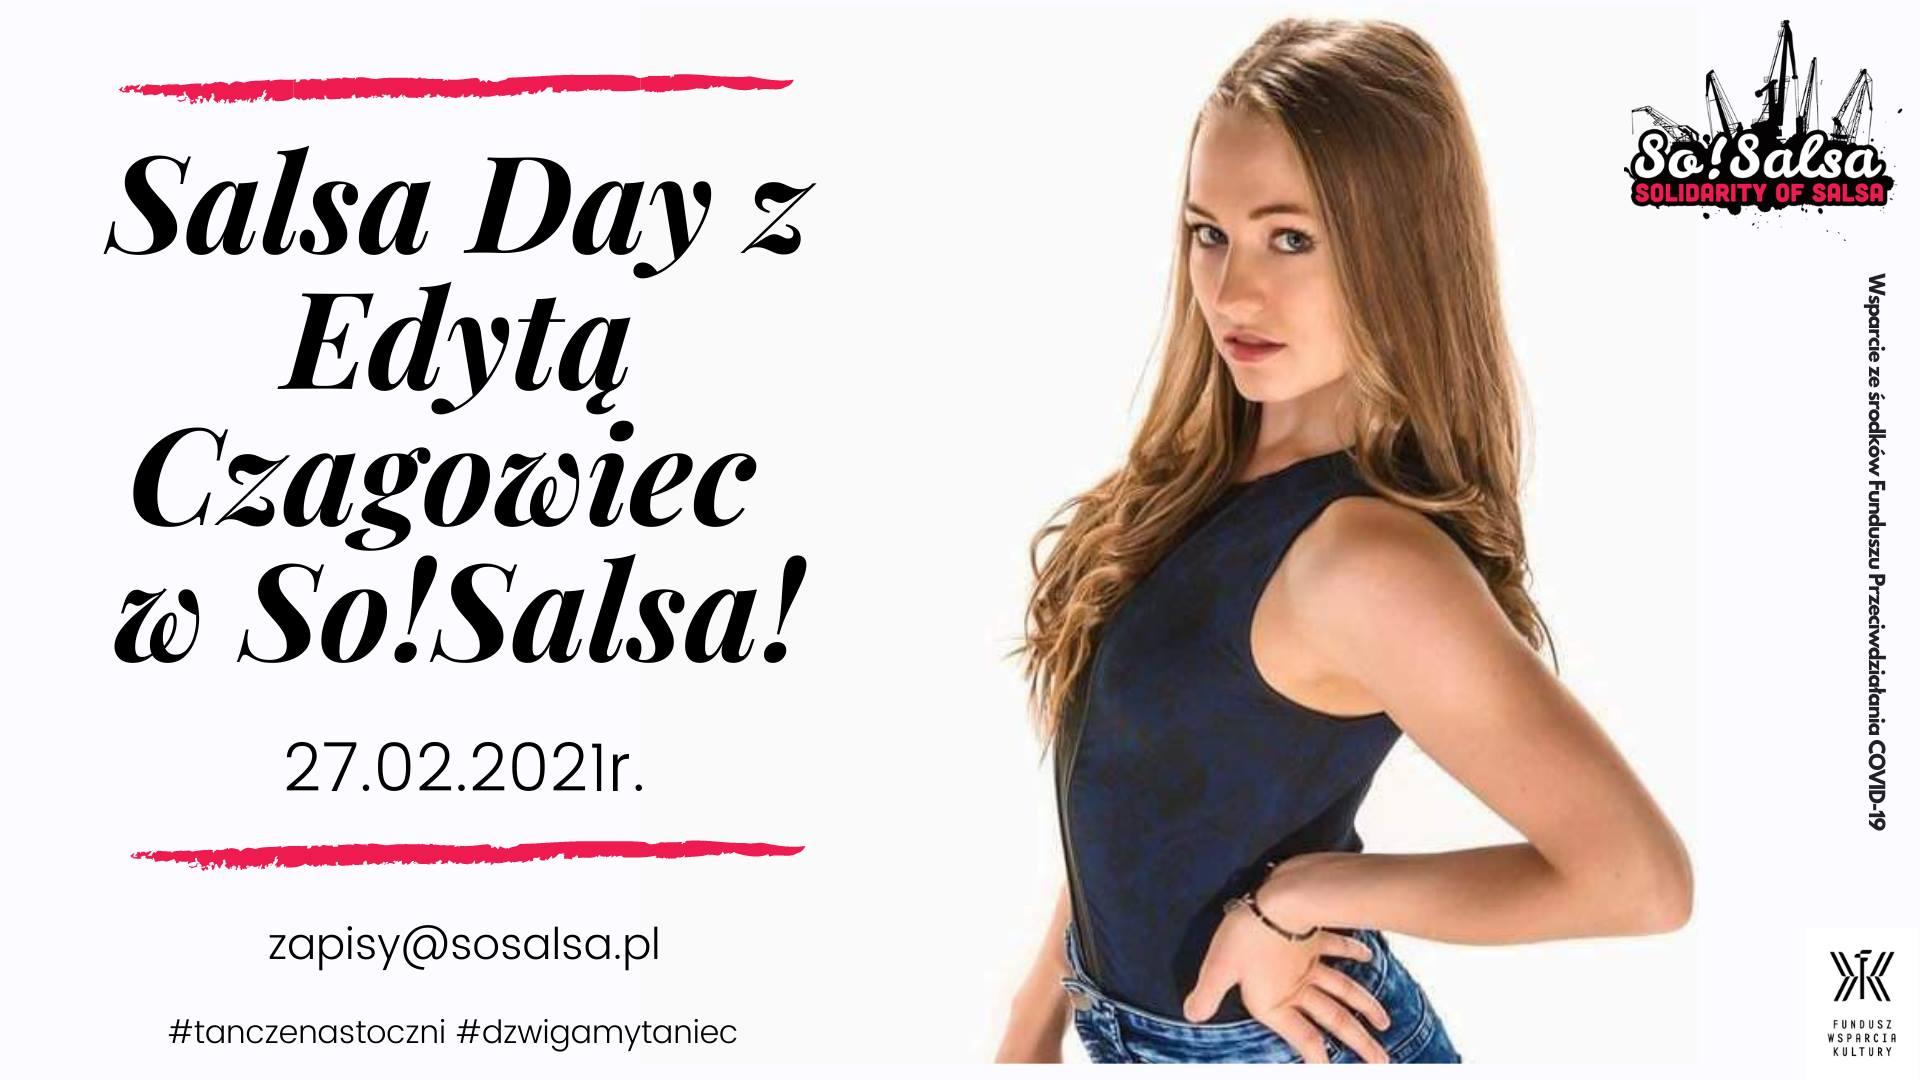 Salsa Day z Edytą Czagowiec w So!Salsa